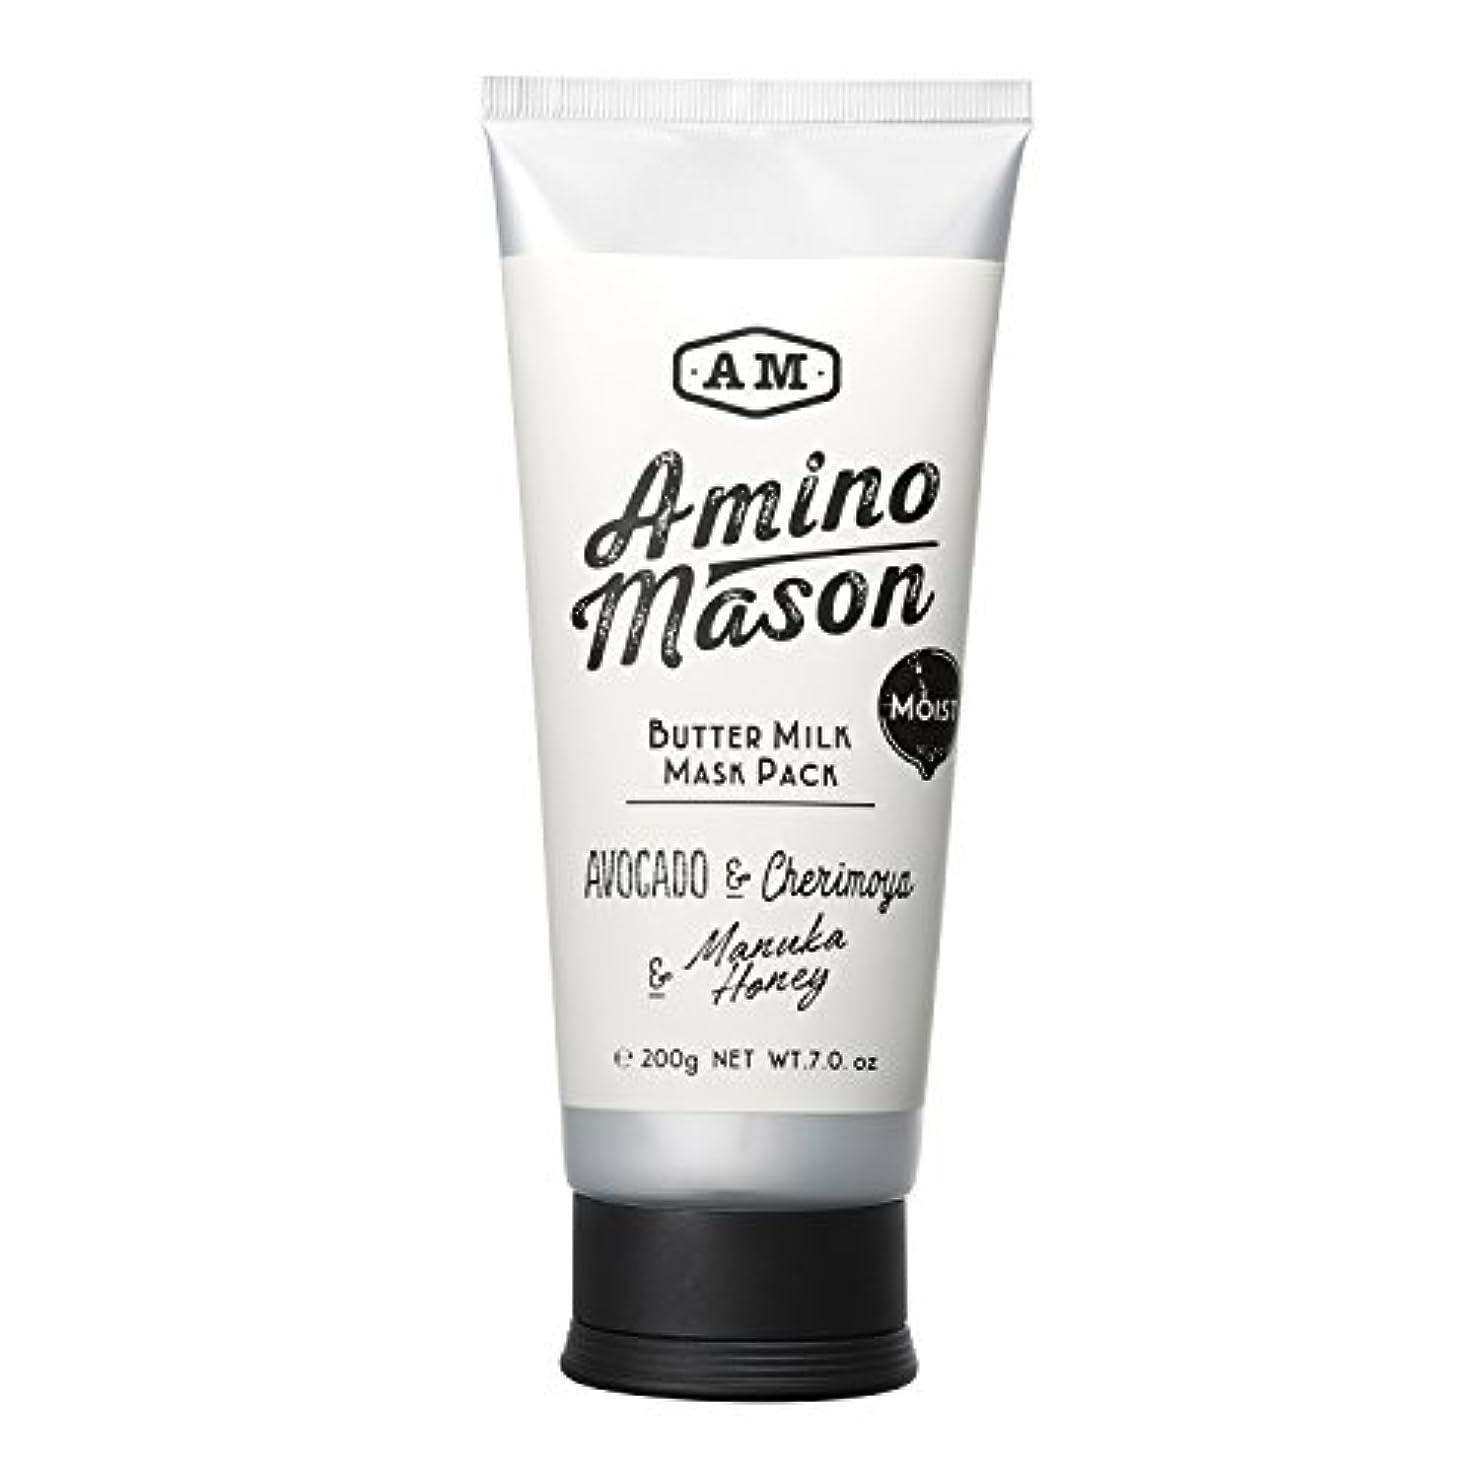 そんなにアフリカ人もっと【大人気】 ステラシード アミノメイソン モイスト バターミルク ヘアマスクパック 200g